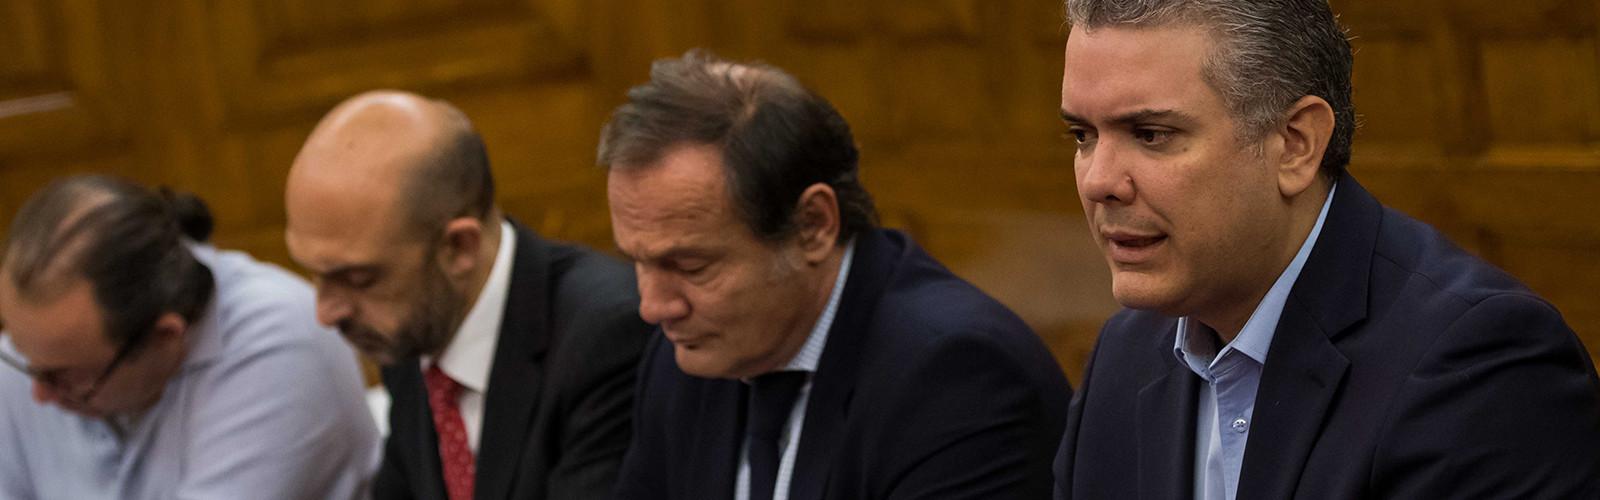 Encuentro con Iván Duque, candidato a la presidencia de Colombia